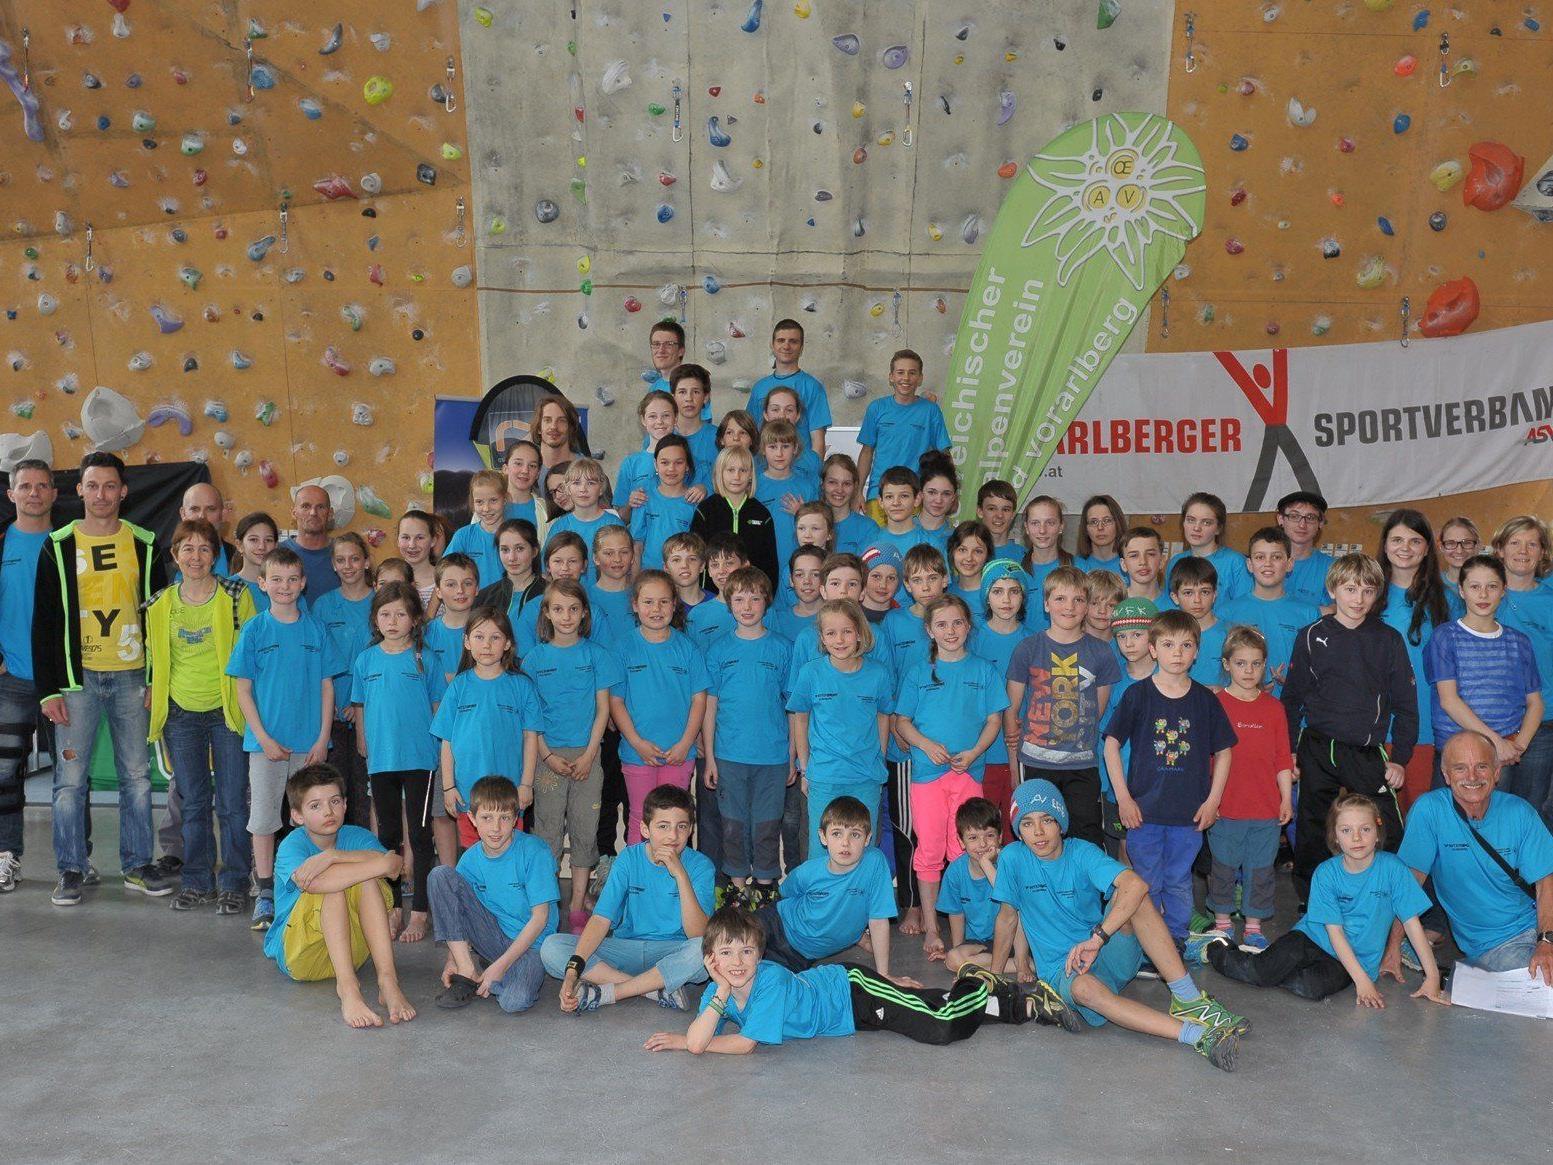 Rund 80 Teilnehmer und Teilnehmerinnen versuchten sich in den Disziplinen Speed und Vorstieg.